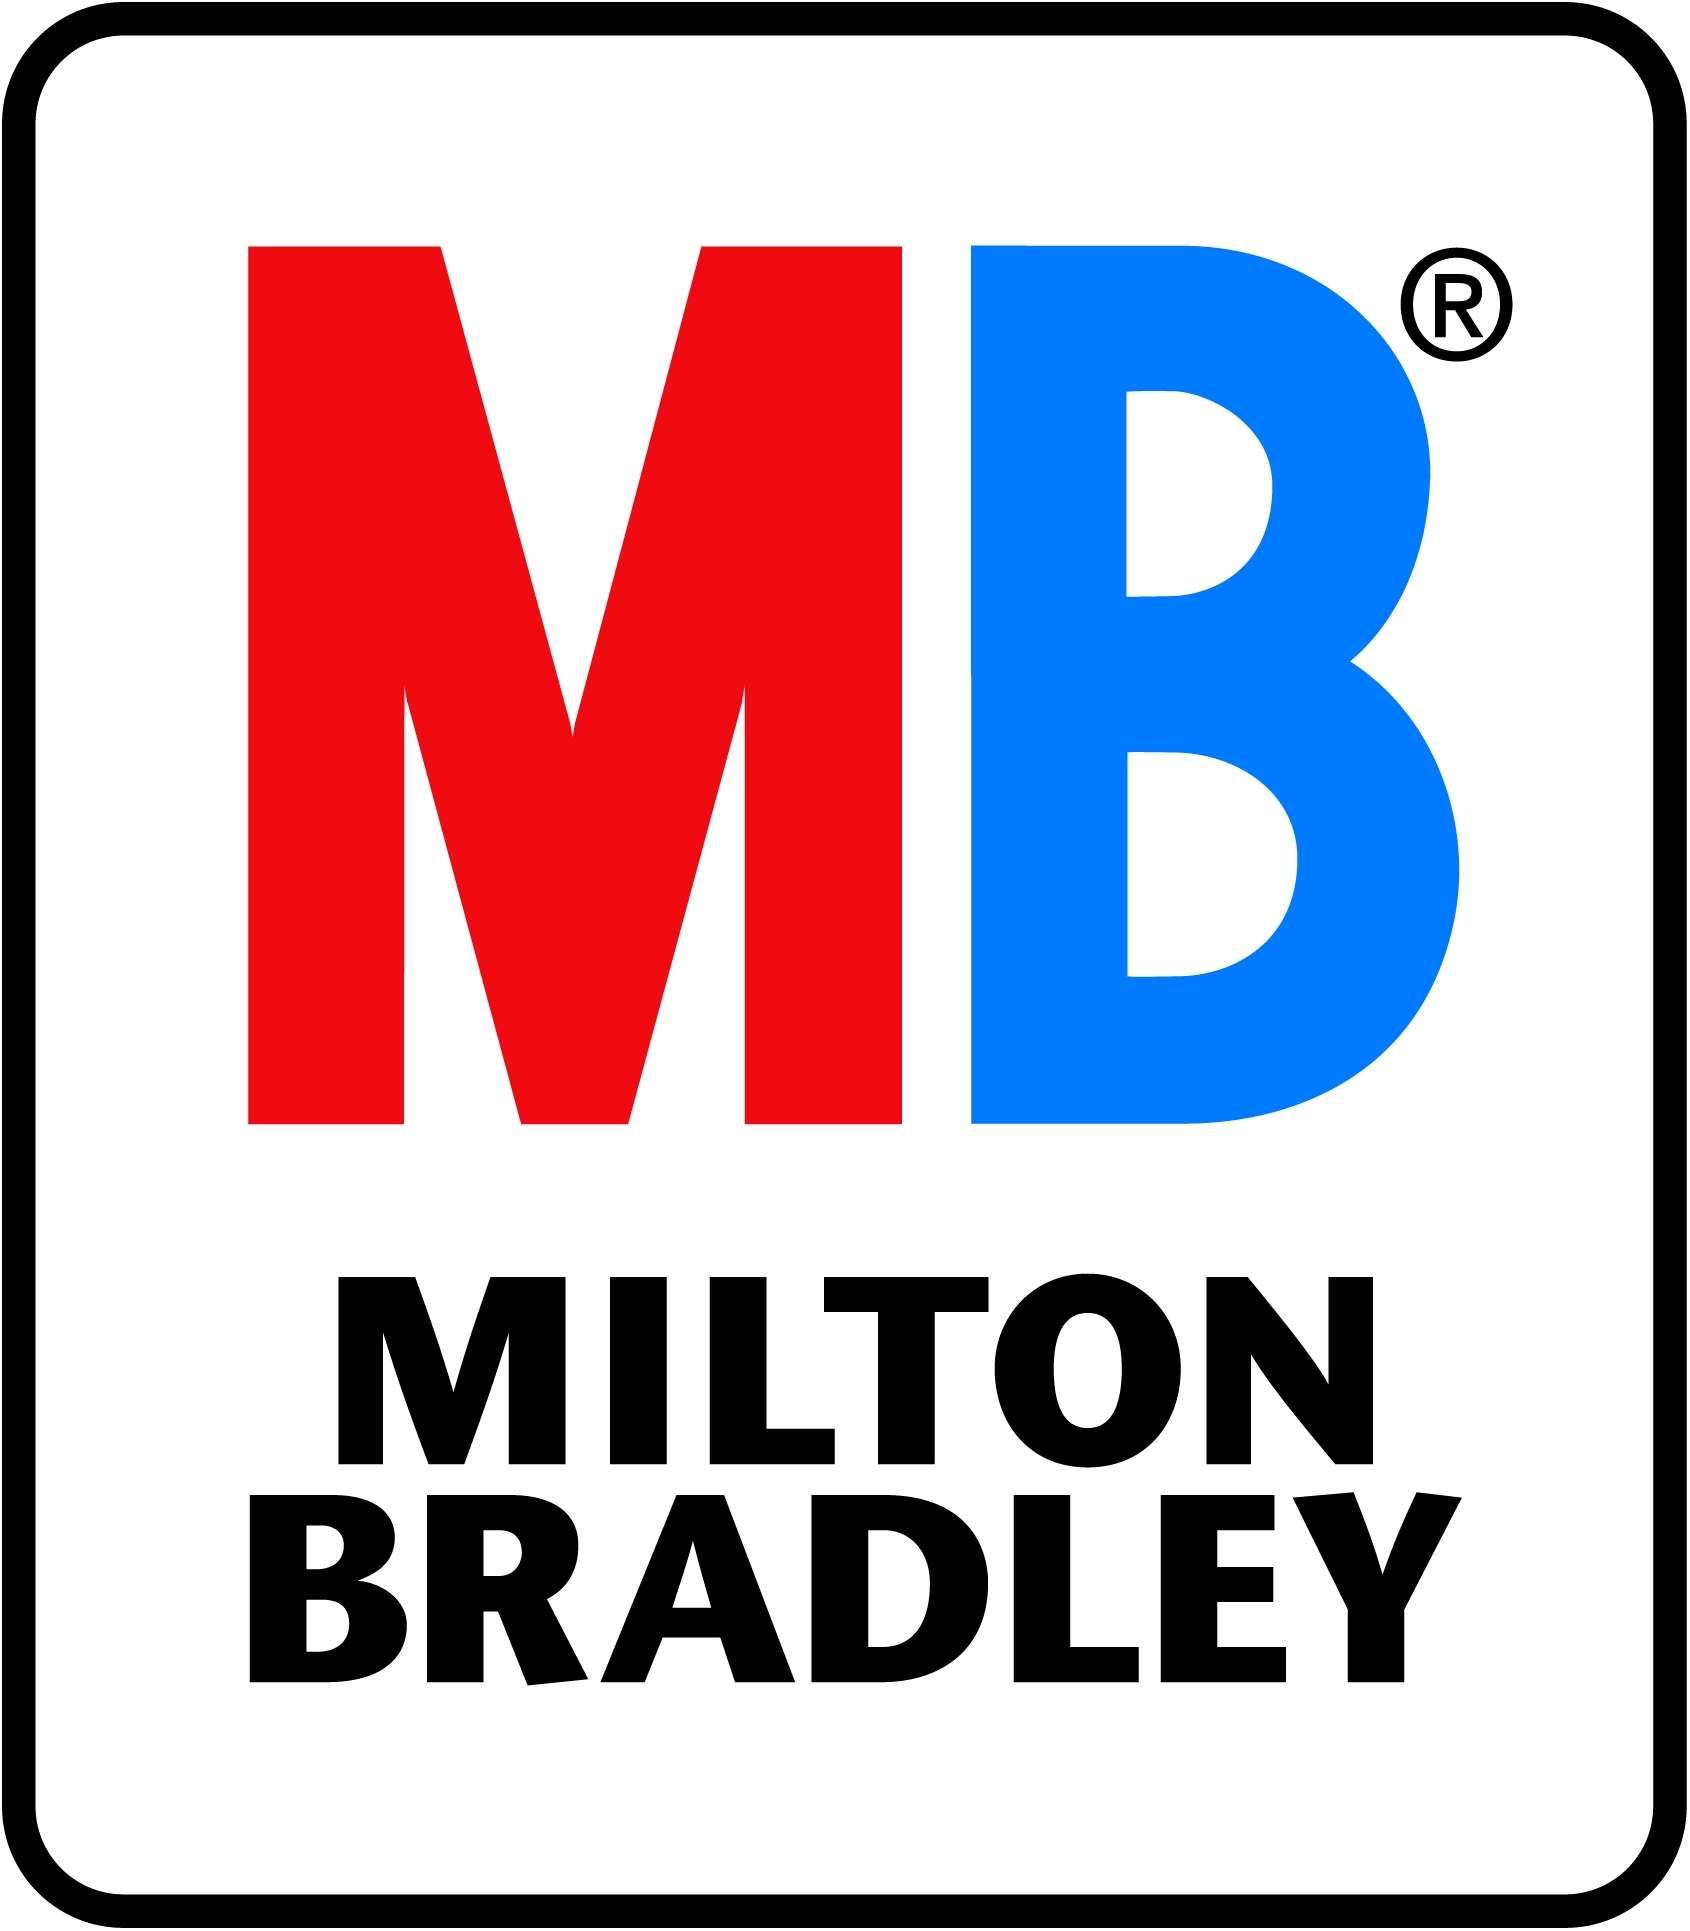 MB Logo [PDF   Milton Bradley] png